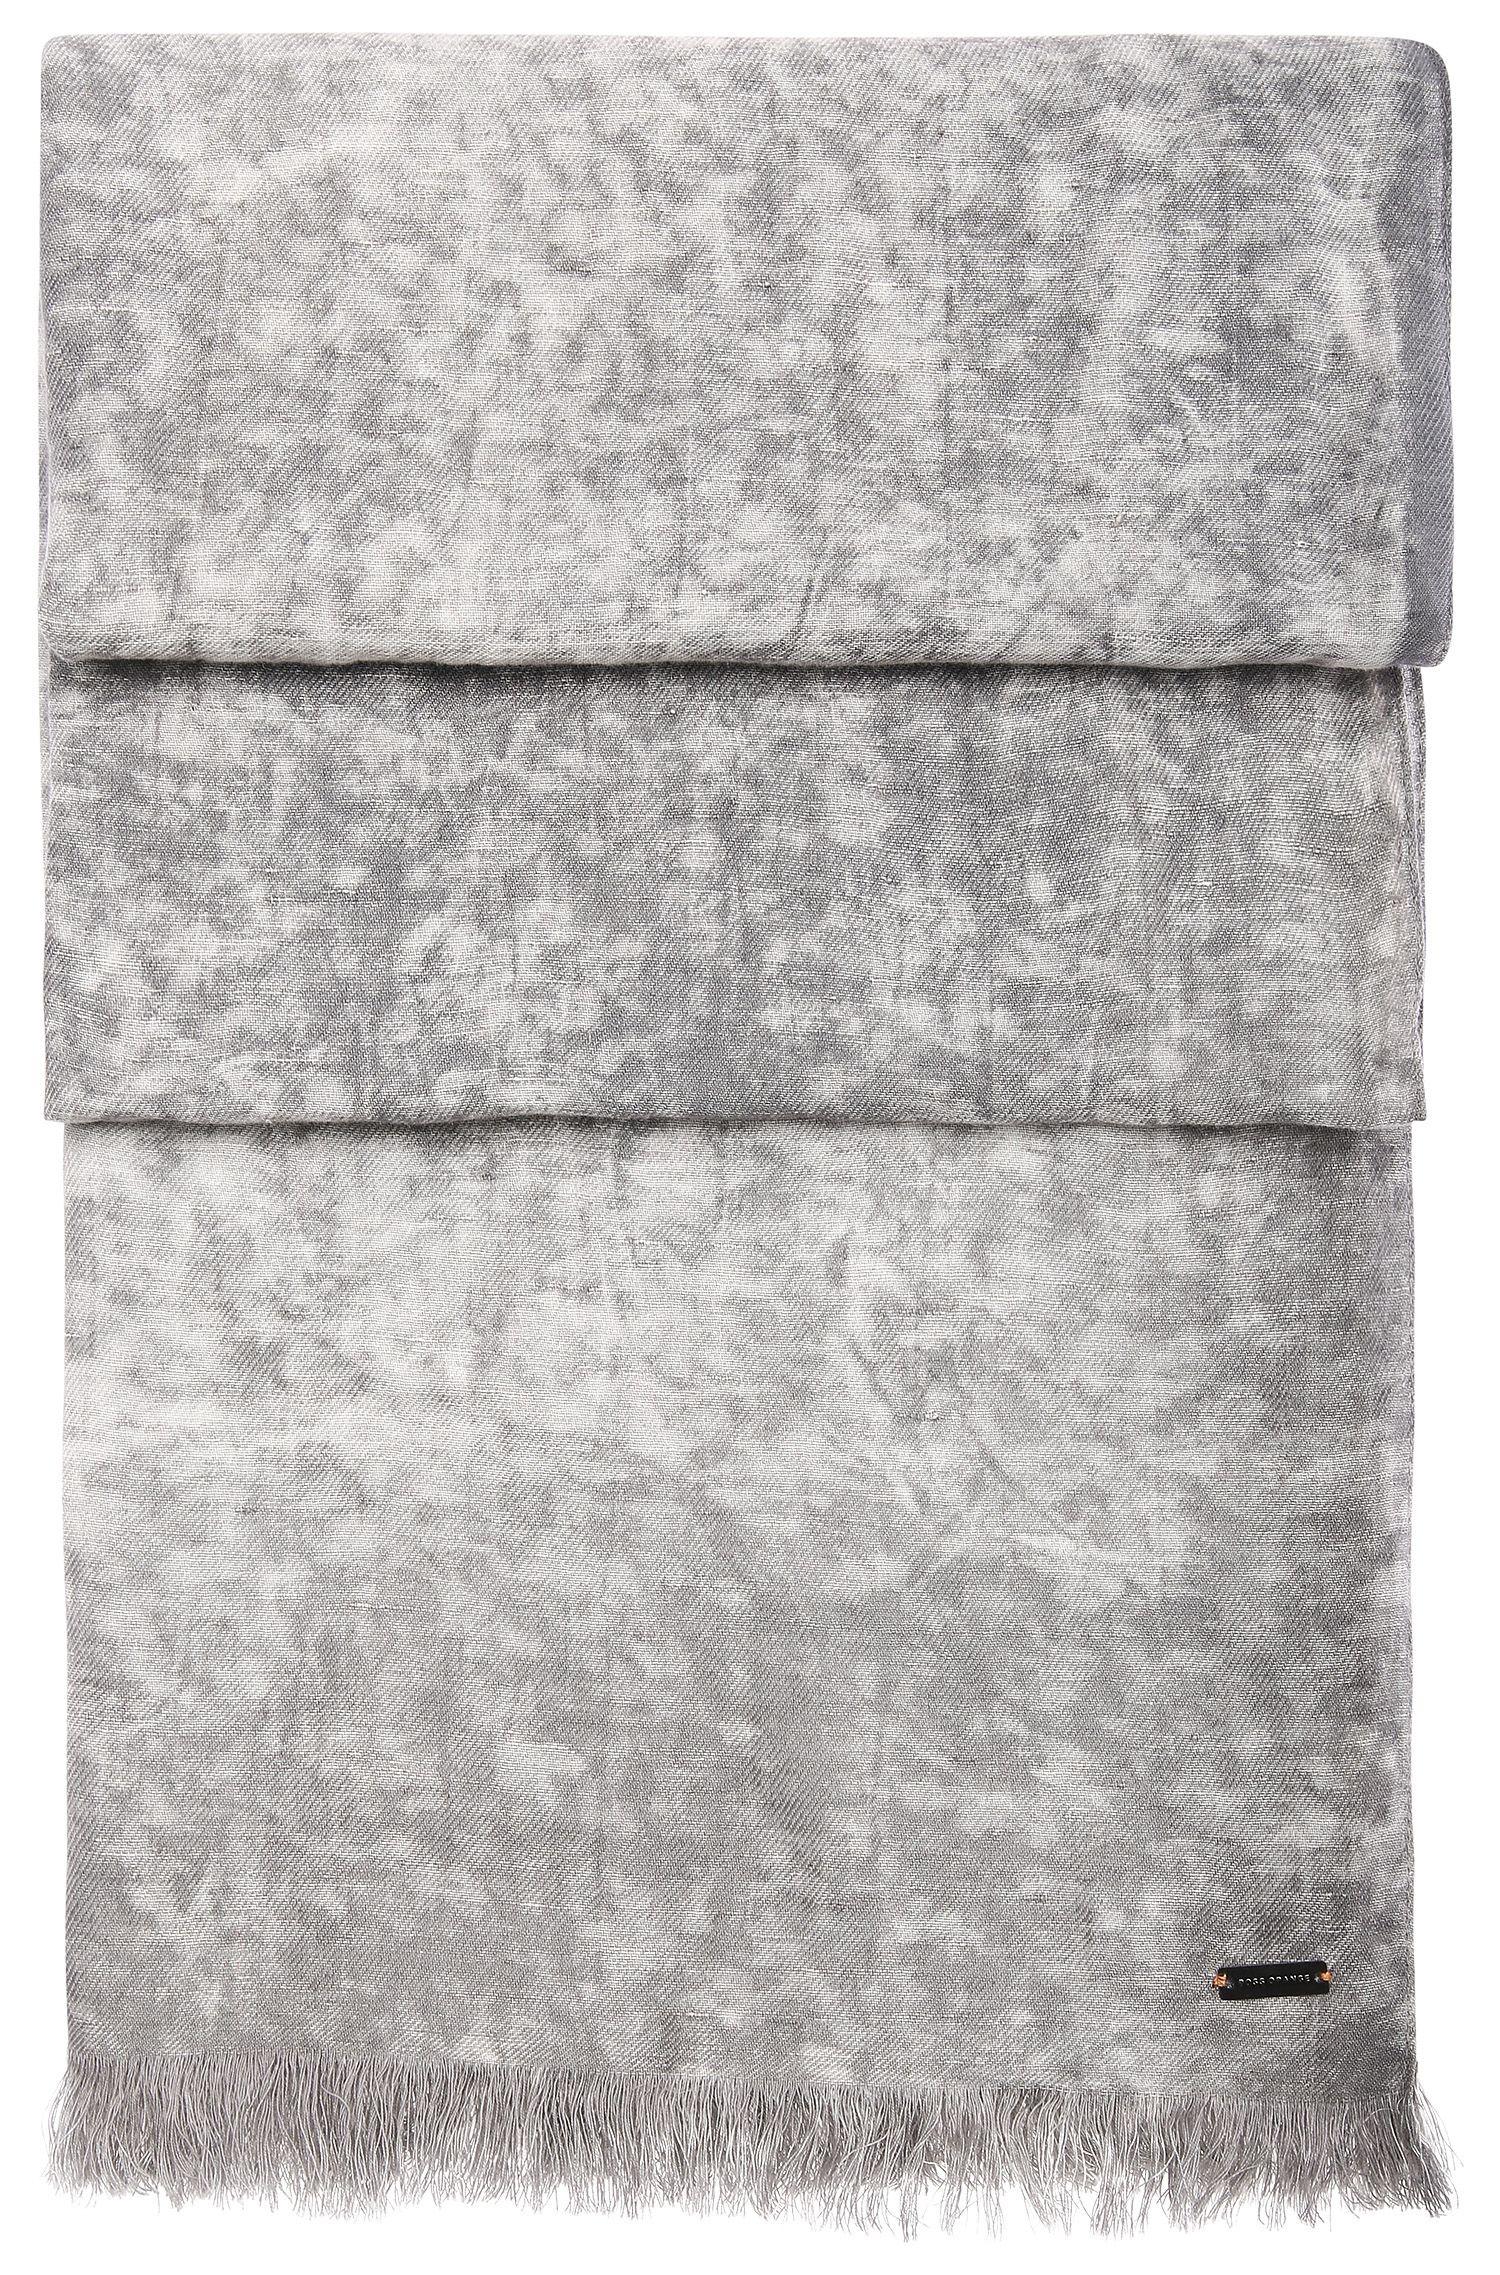 'Nuran' | Cotton Linen Woven Scarf